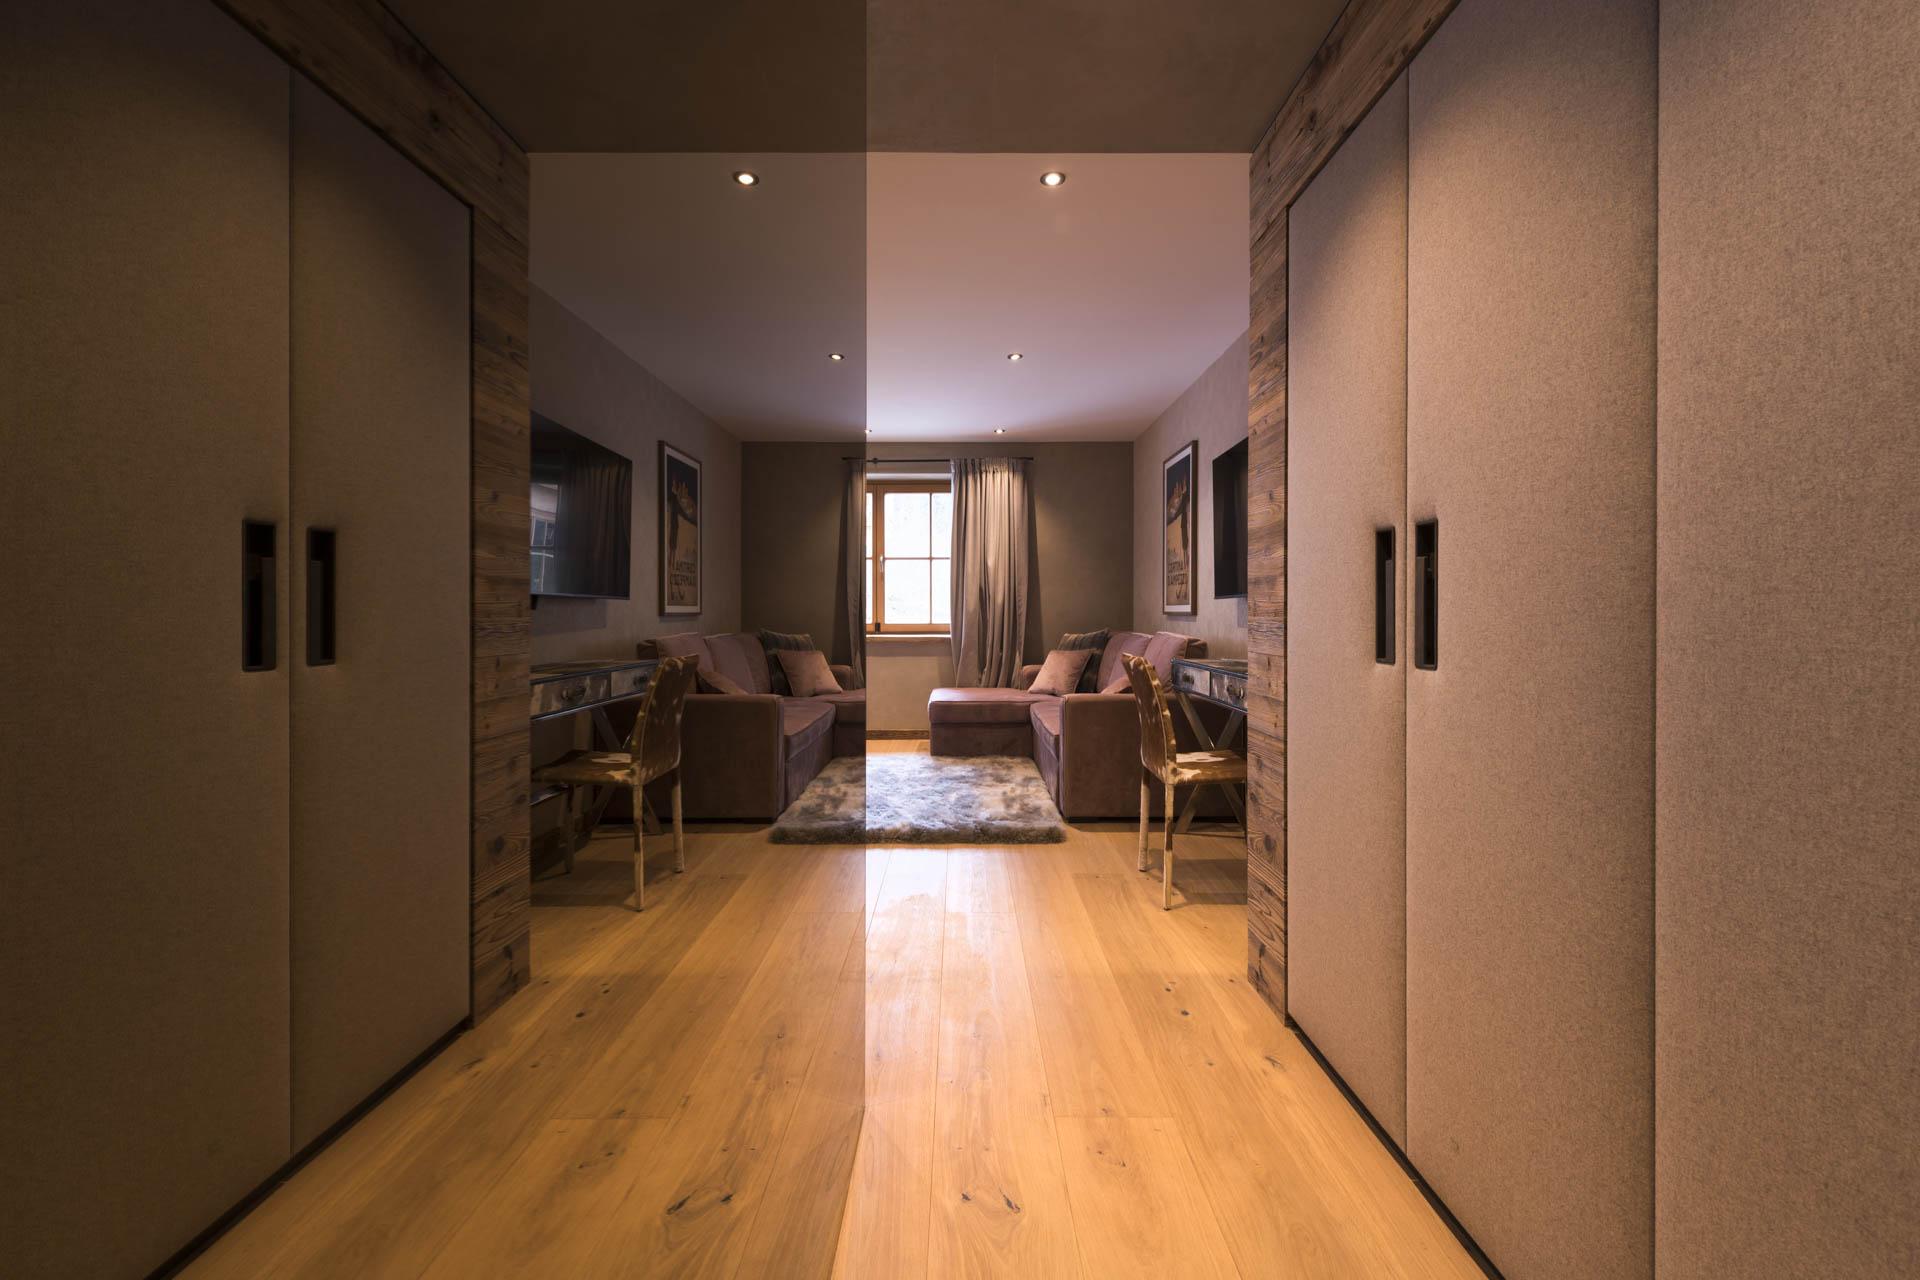 Tischlerei-Decker-Projekte-Wohnung-F-Maedchenschlafzimmer